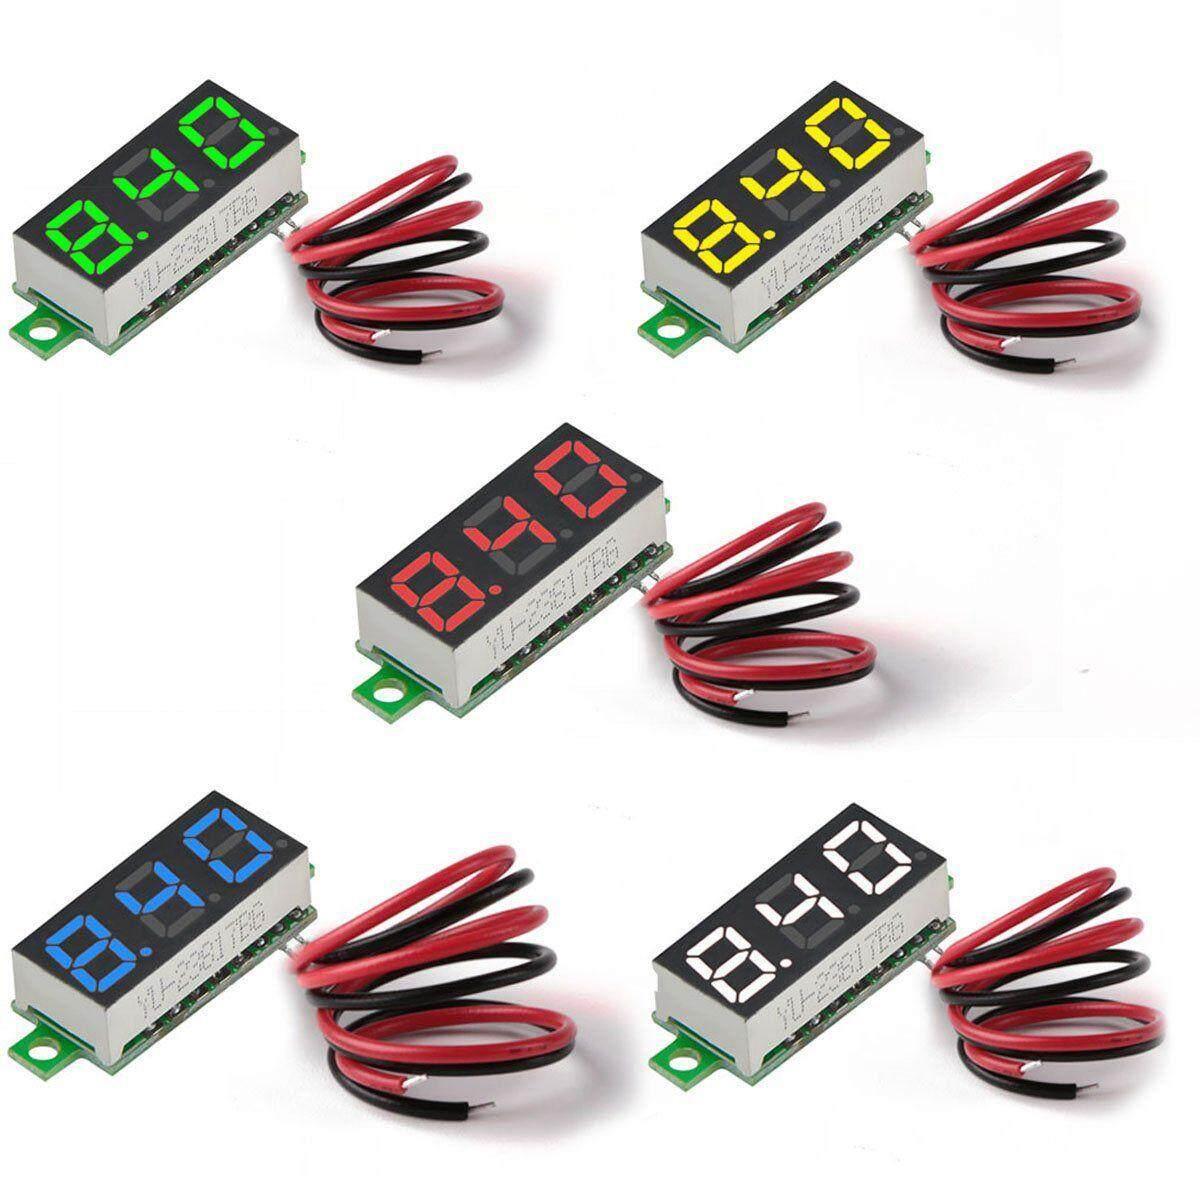 Car Gauges For Sale Fuel Online Brands Prices Reviews In Dragon Gauge Oil Pressure Wiring Diagram 5pcs Mini Digital Dc Voltmeter 028 Inch Two Wire 25v 30v